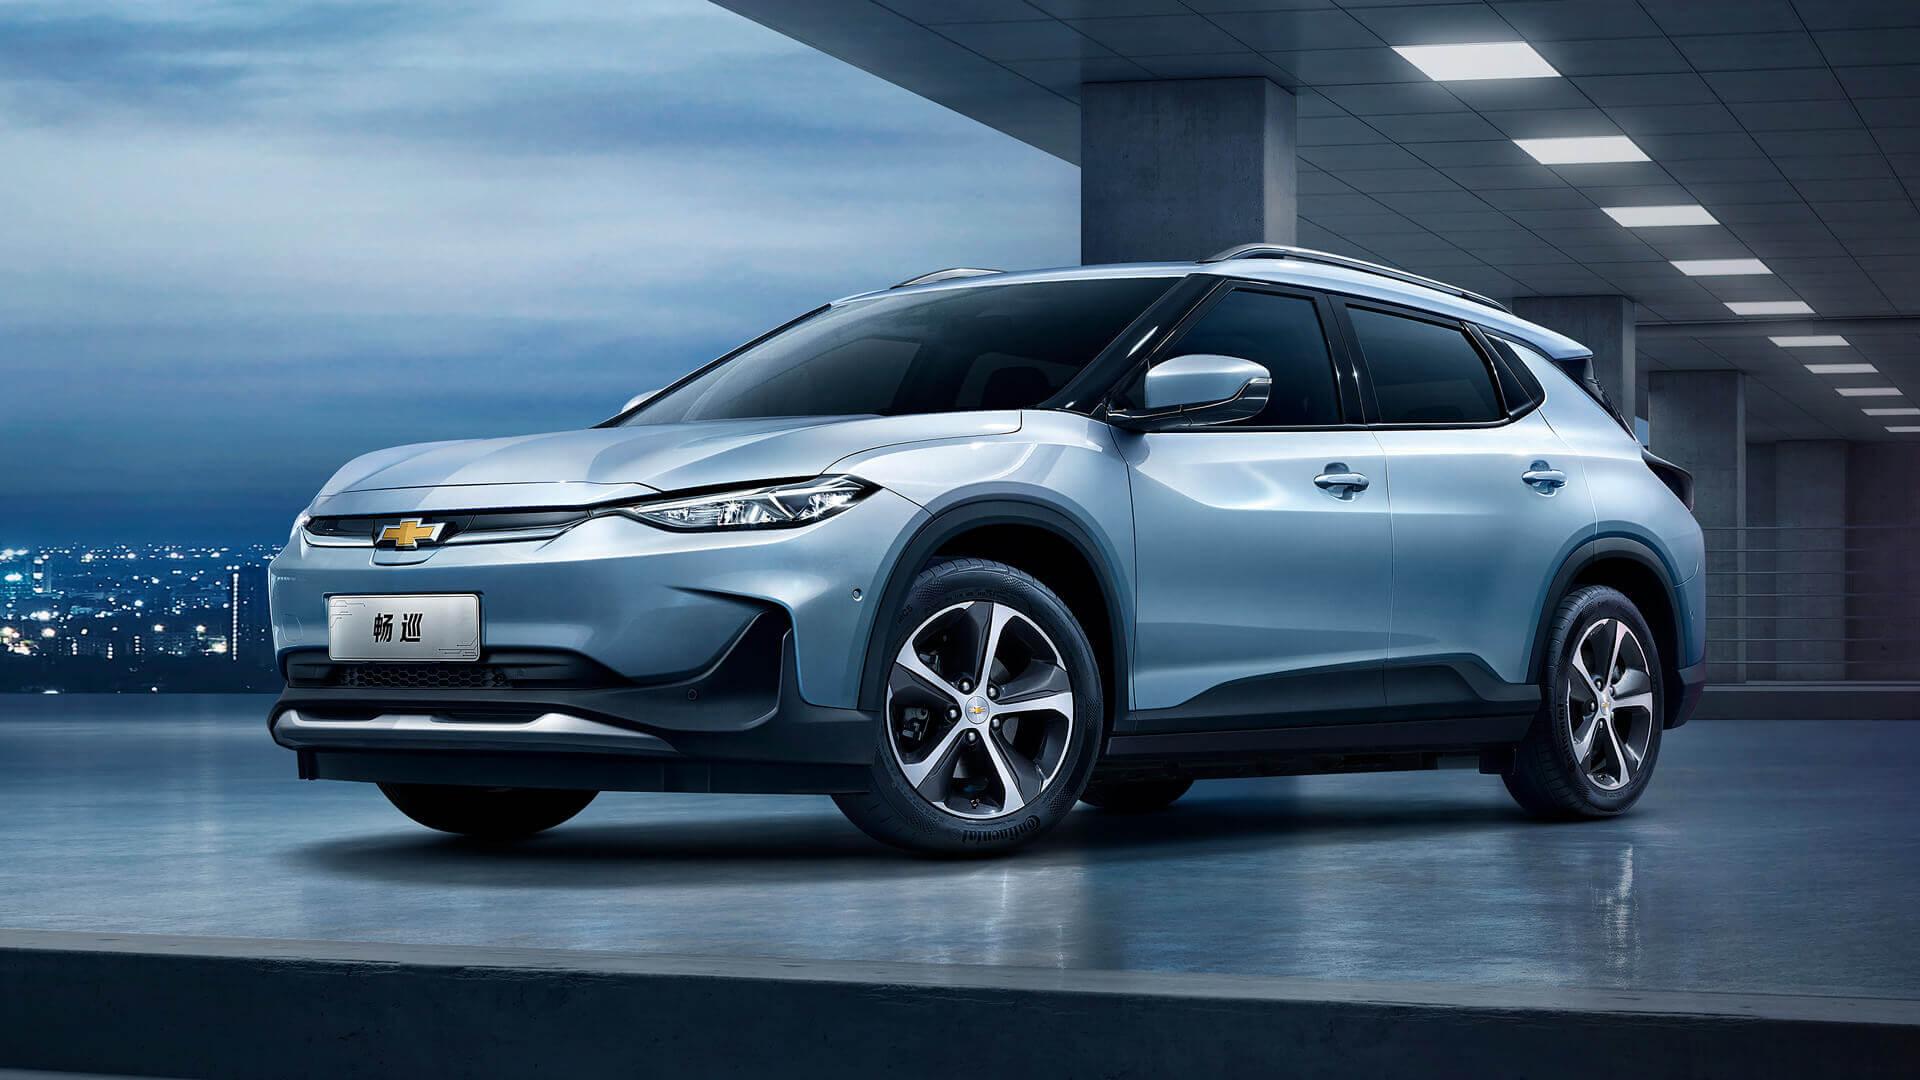 В Китае официально стартовали продажи электромобиля Chevrolet Menlo EV